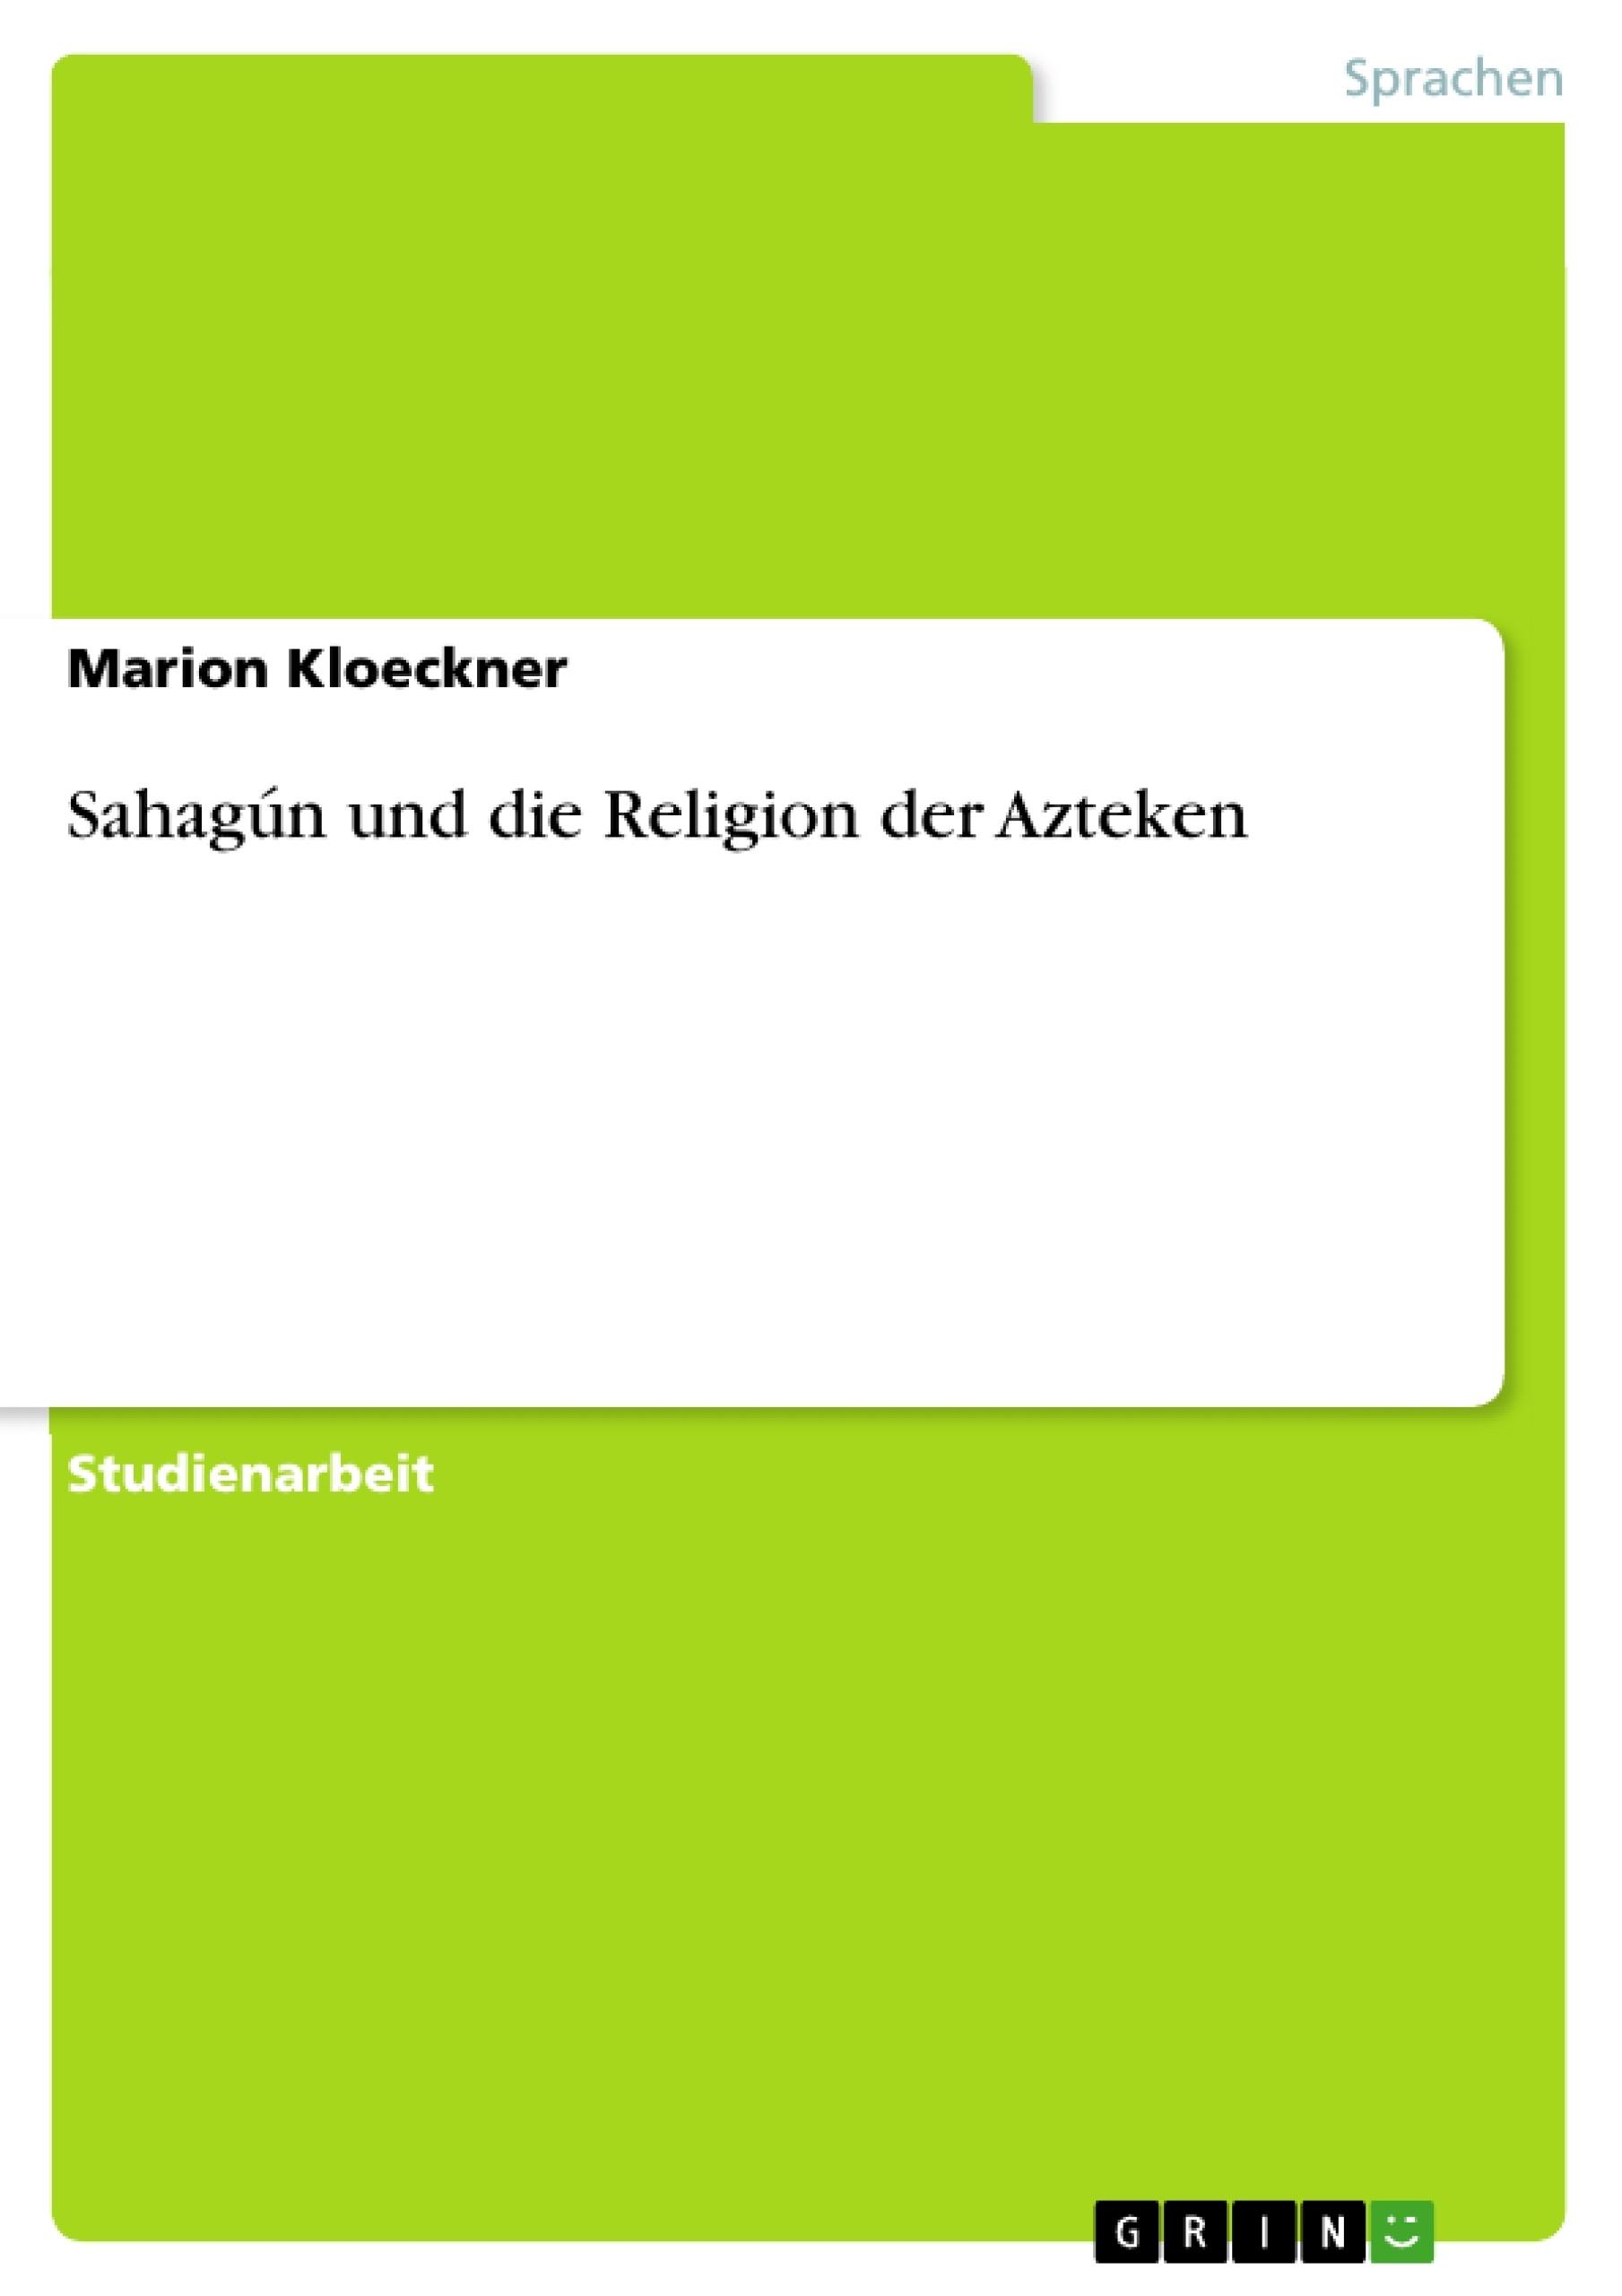 Titel: Sahagún und die Religion der Azteken